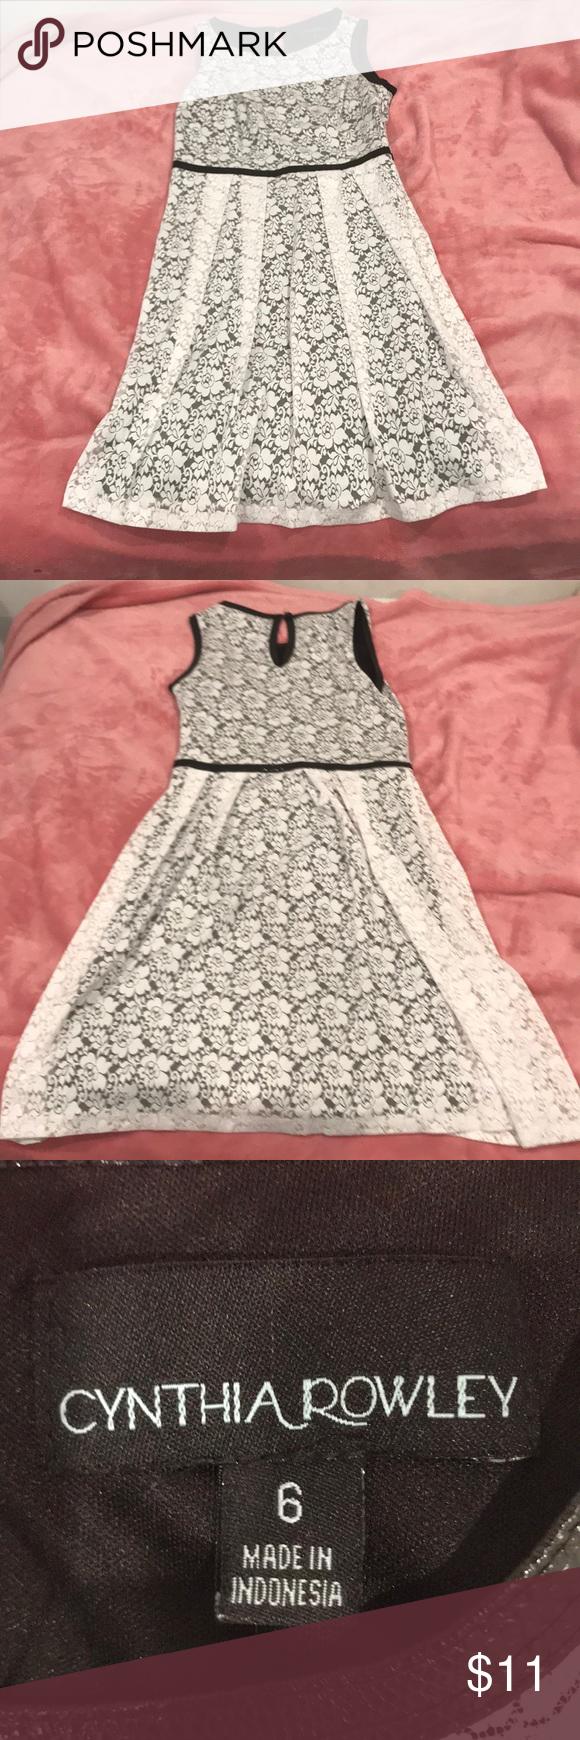 Süßes Spitzenkleid für Schultanz Perfektes Kleid für kirchliche oder schulische Anlässe, …   – My Posh Picks